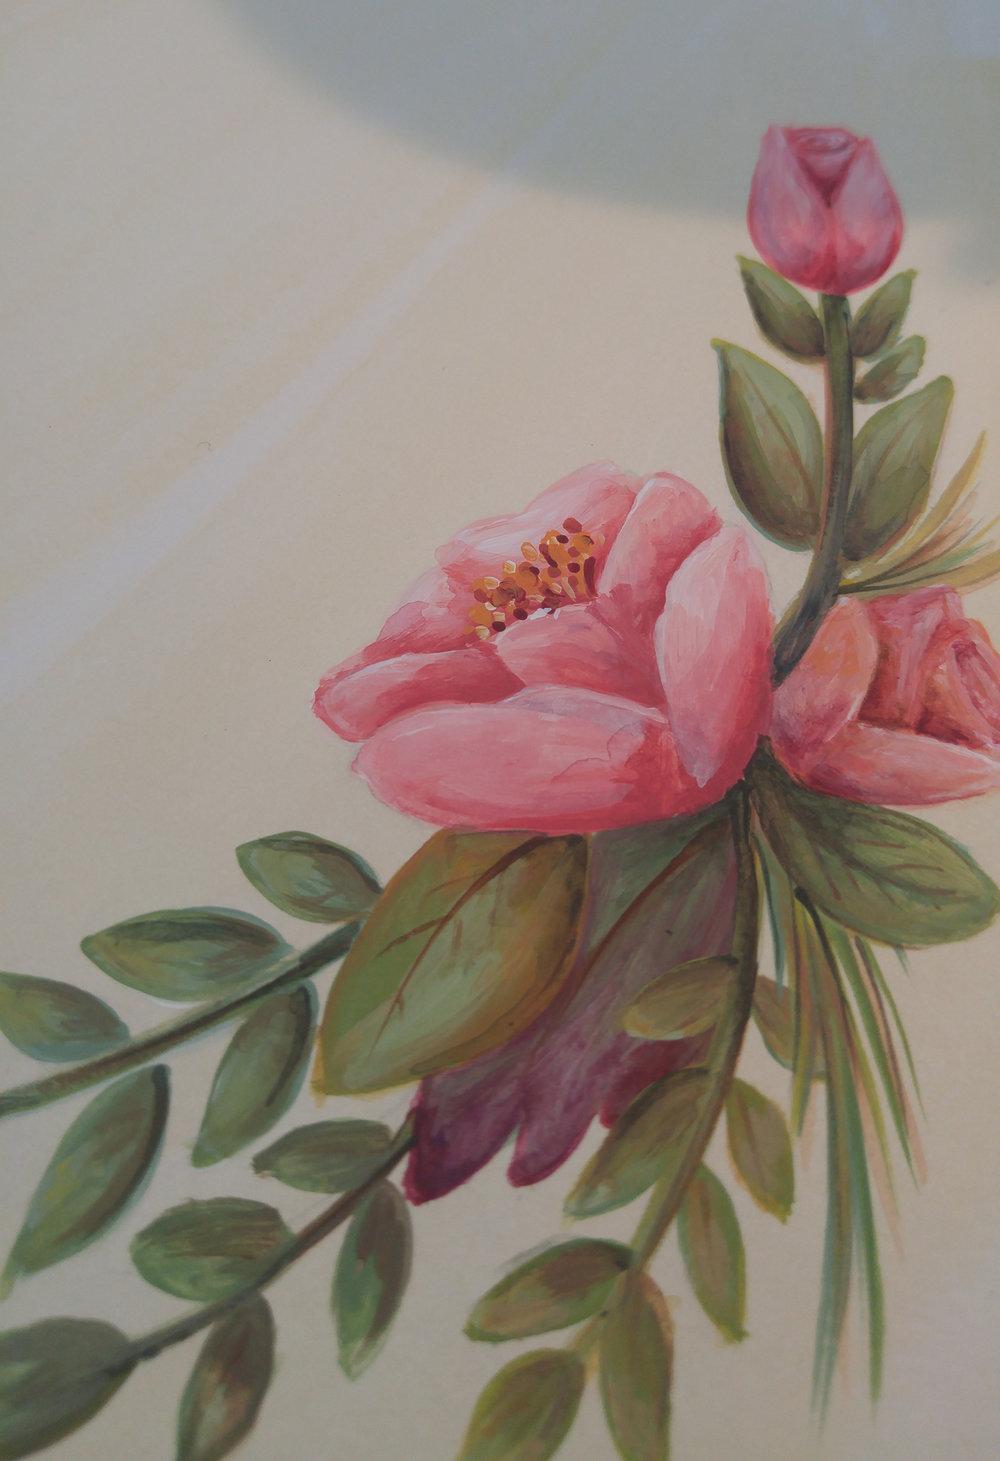 _floral invitation keepsake12.jpg